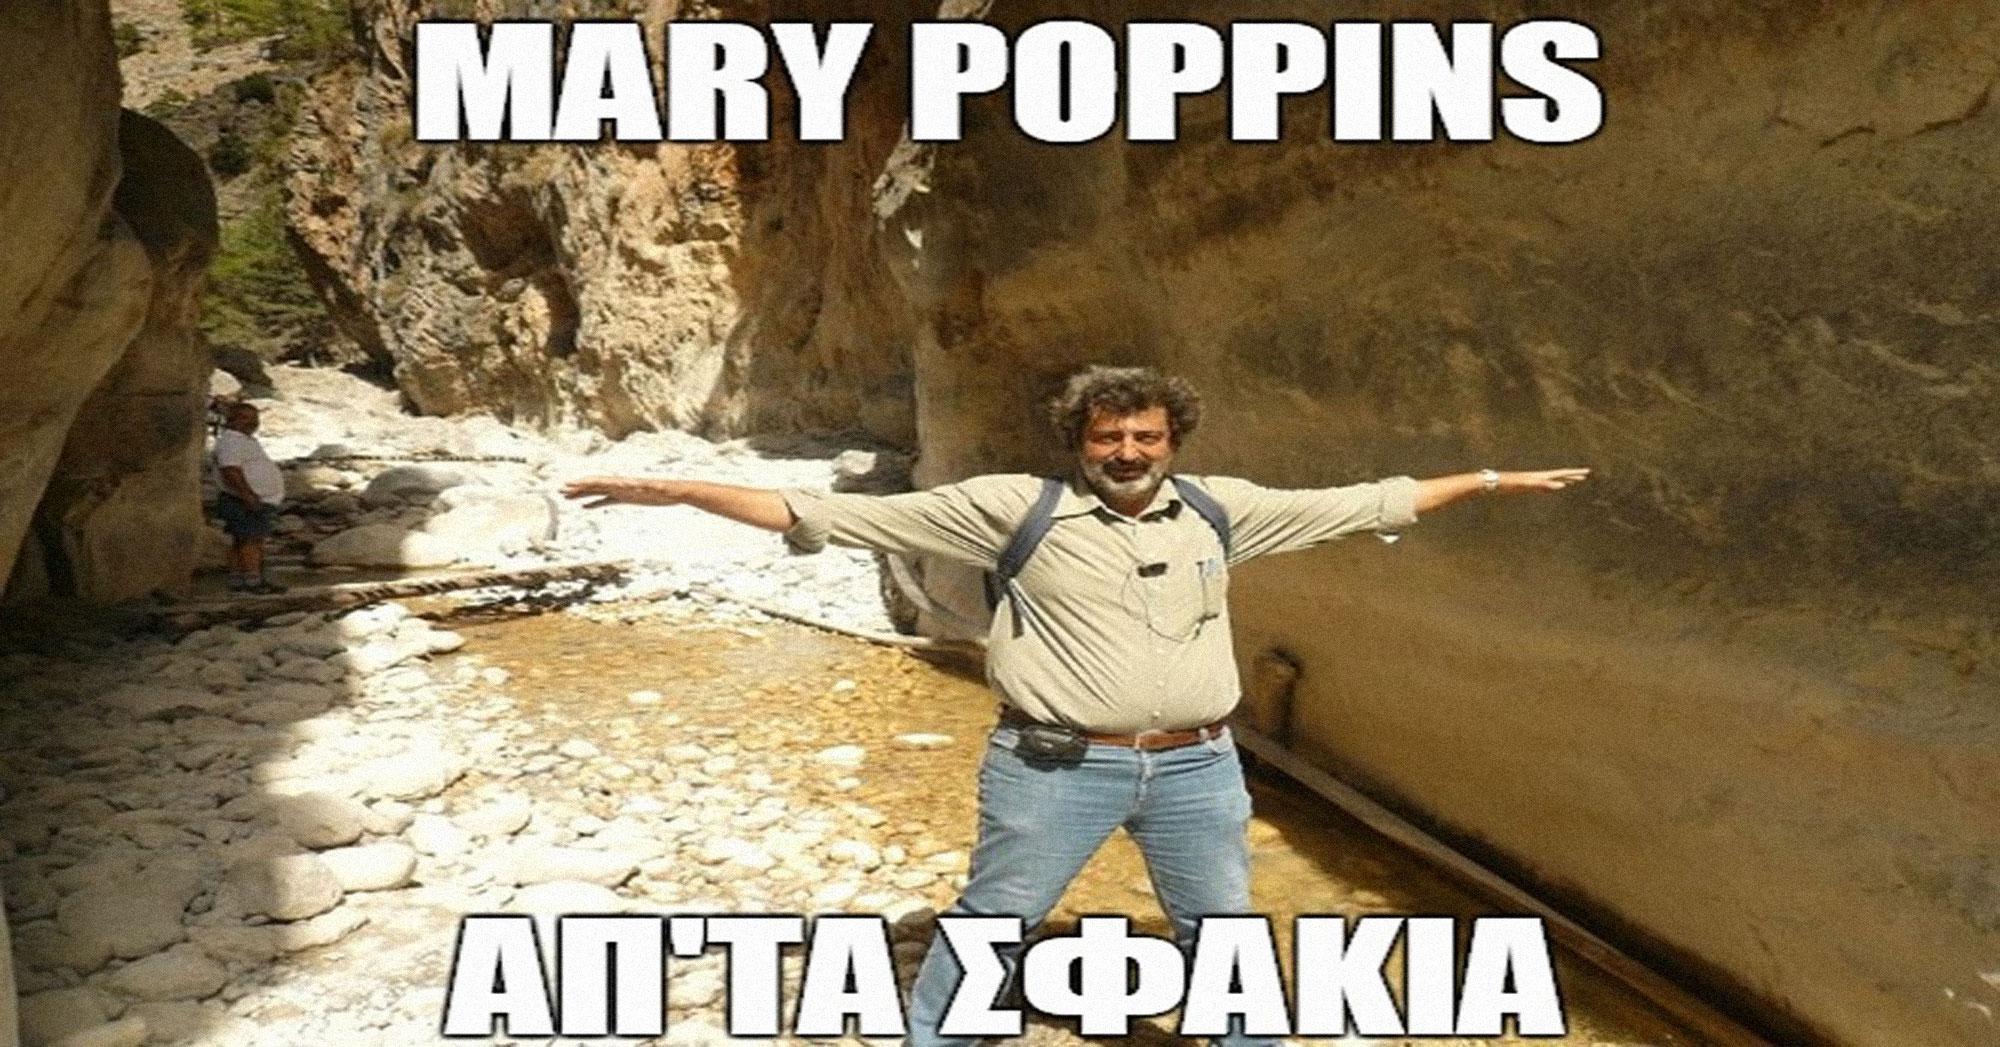 poppins-meme-1